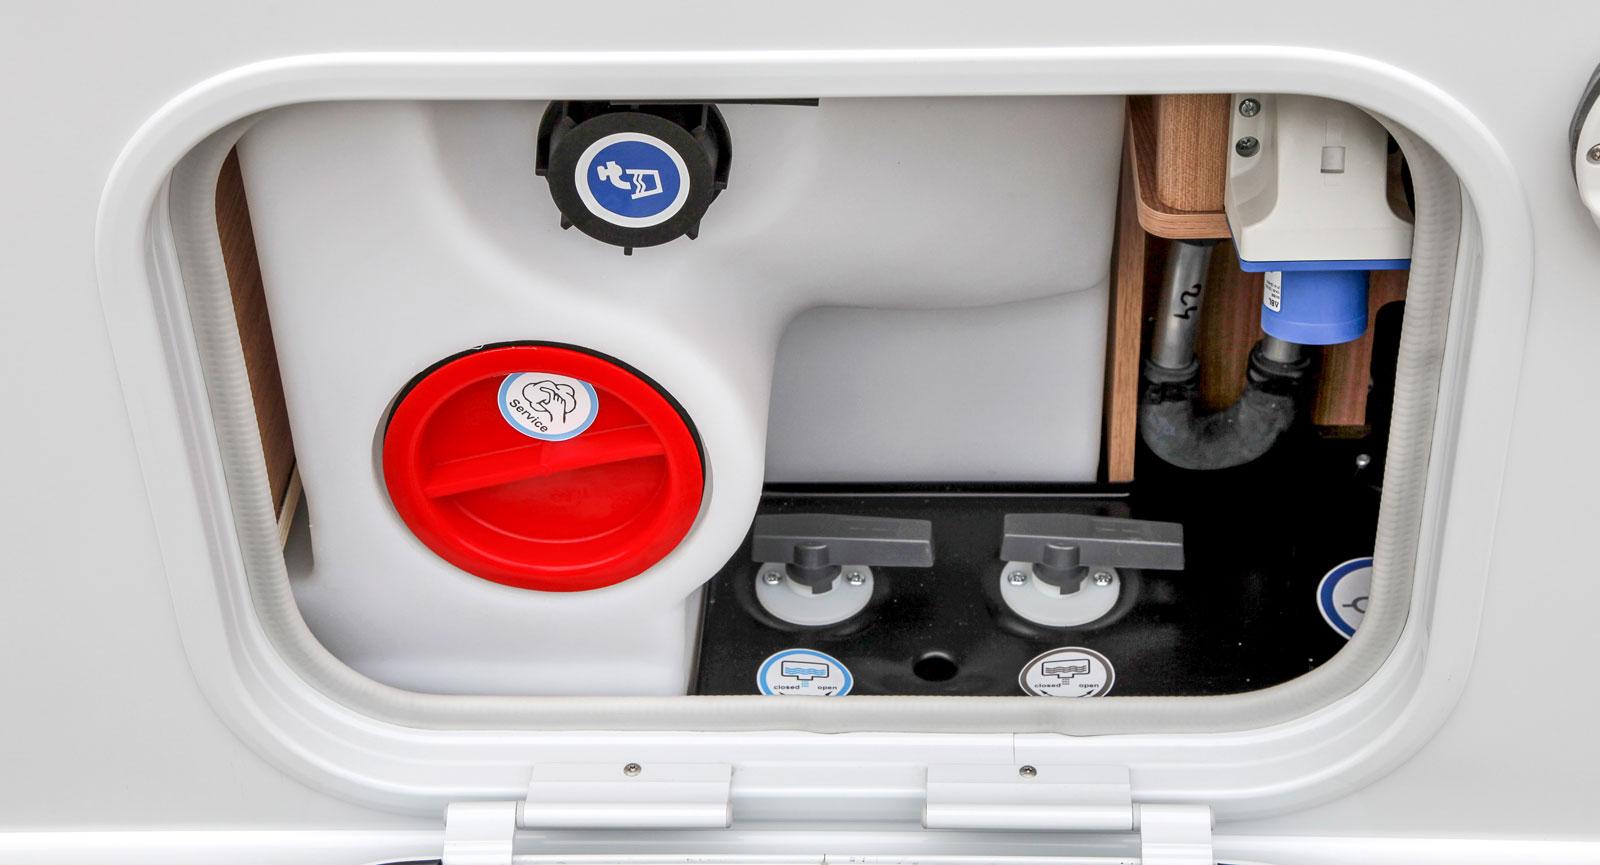 Den smarta serviceboxen där alla nödvändiga funktioner finns samlade.